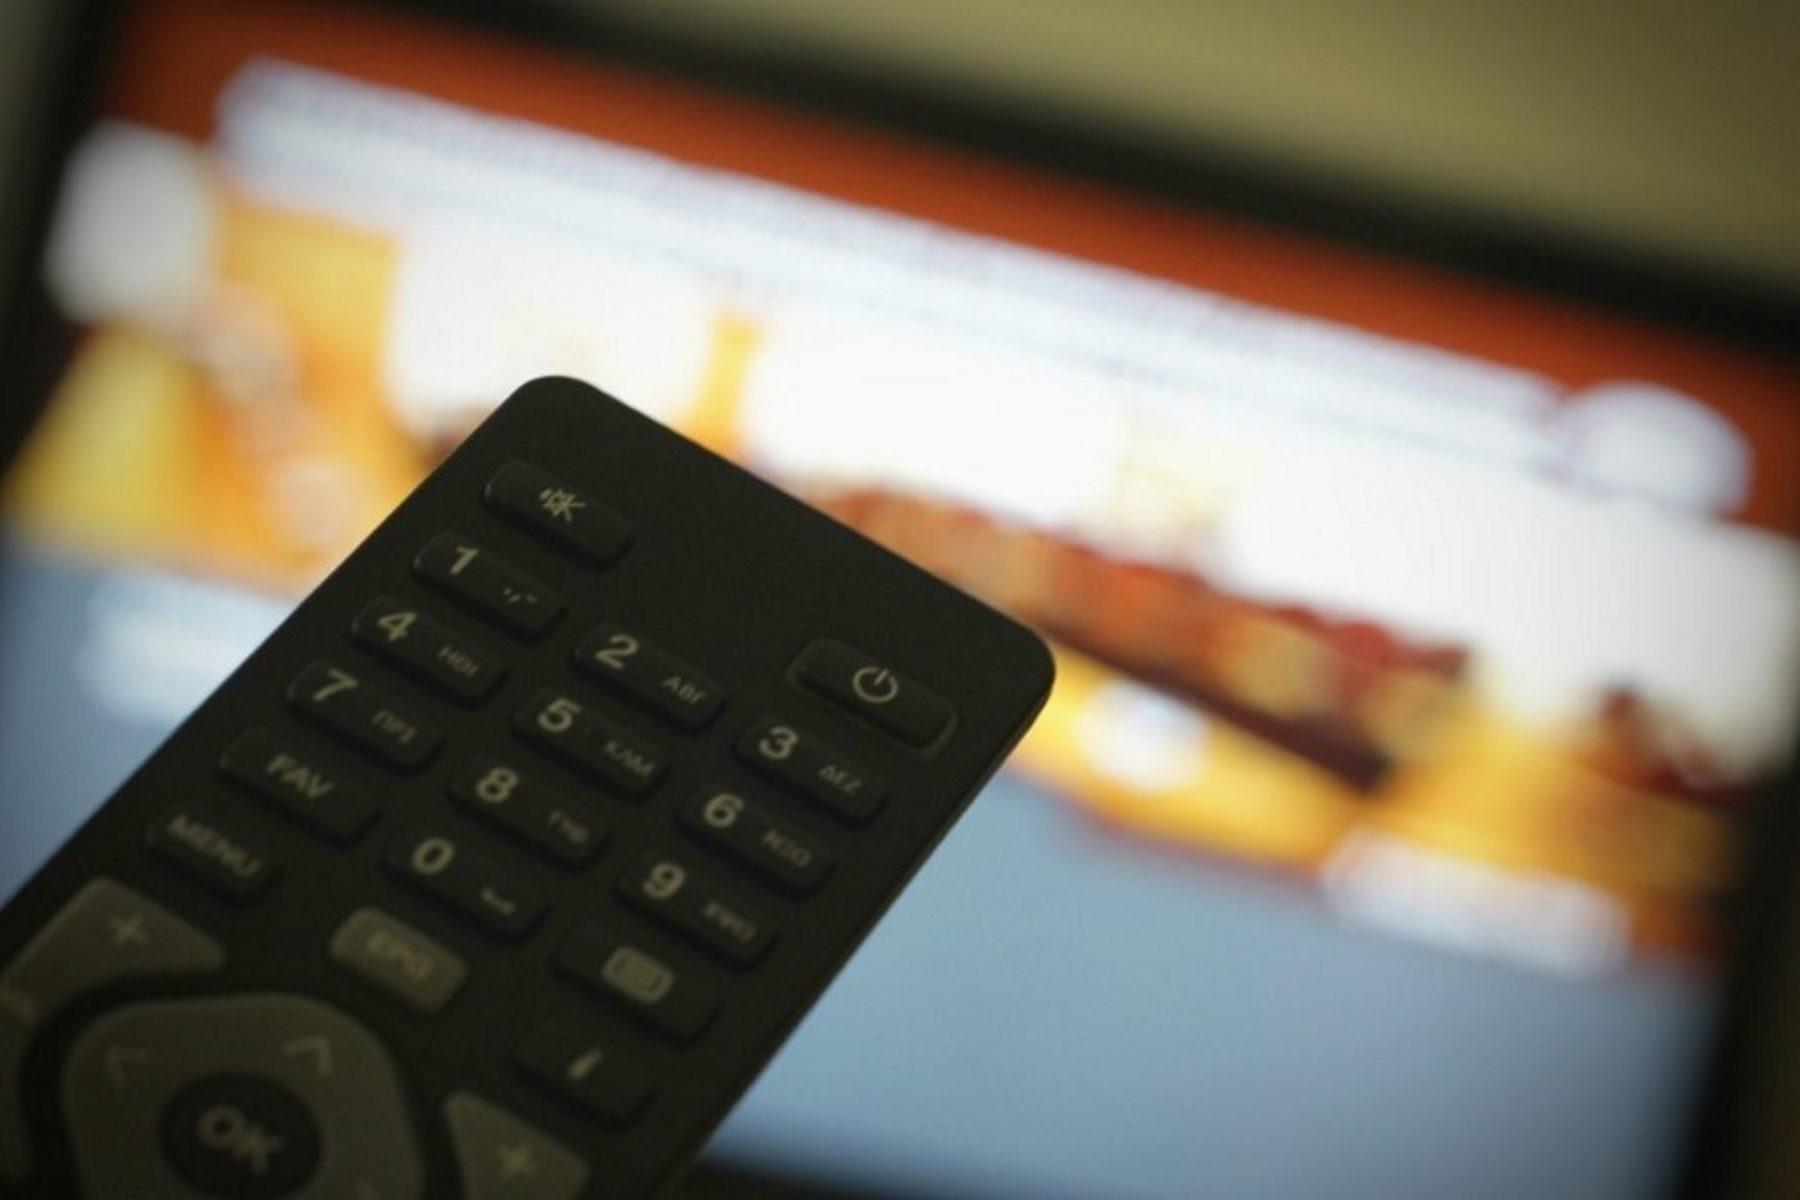 Τηλεθέαση: η μεγάλη μάχη της τηλεοπτικής σεζόν